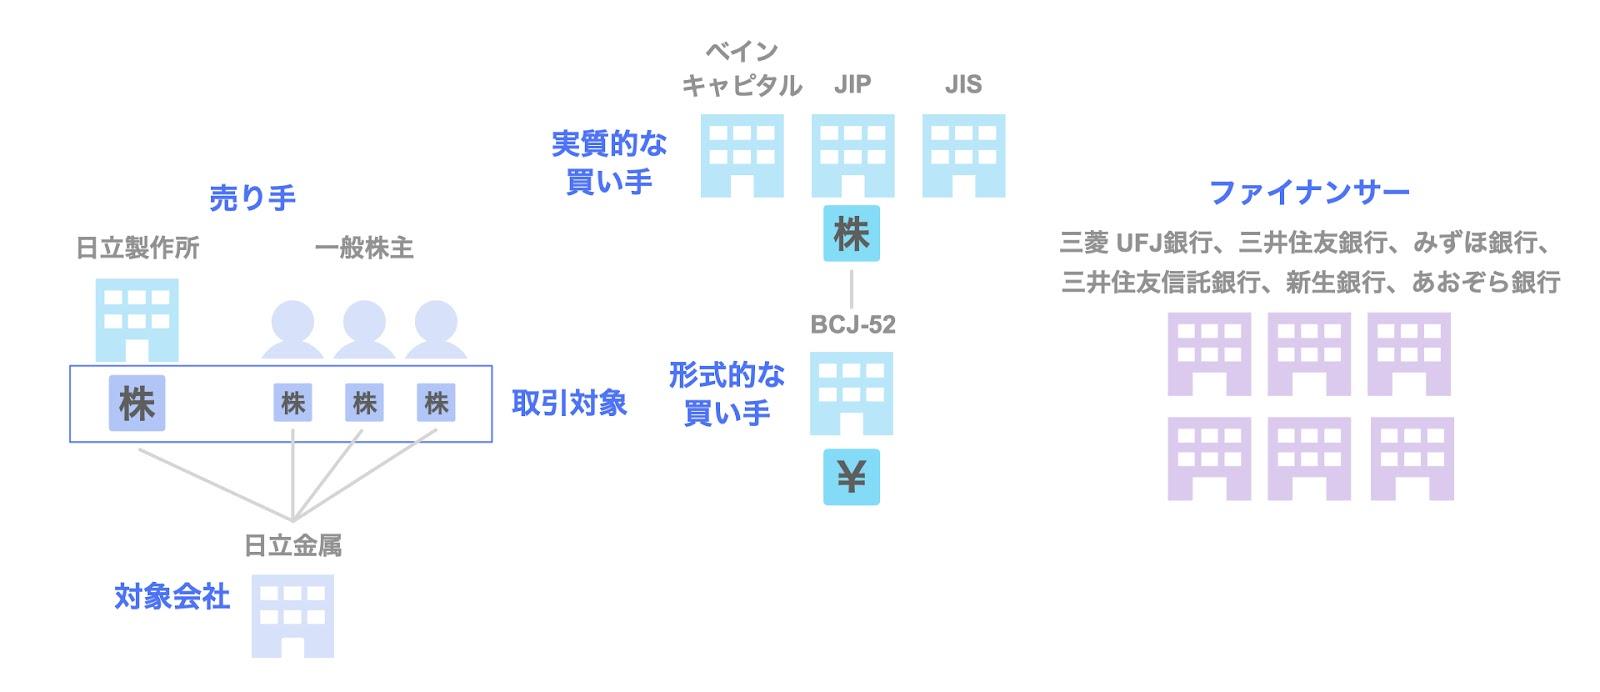 ベインキャピタル・JIP・JISによる日立金属の買収 の関係者